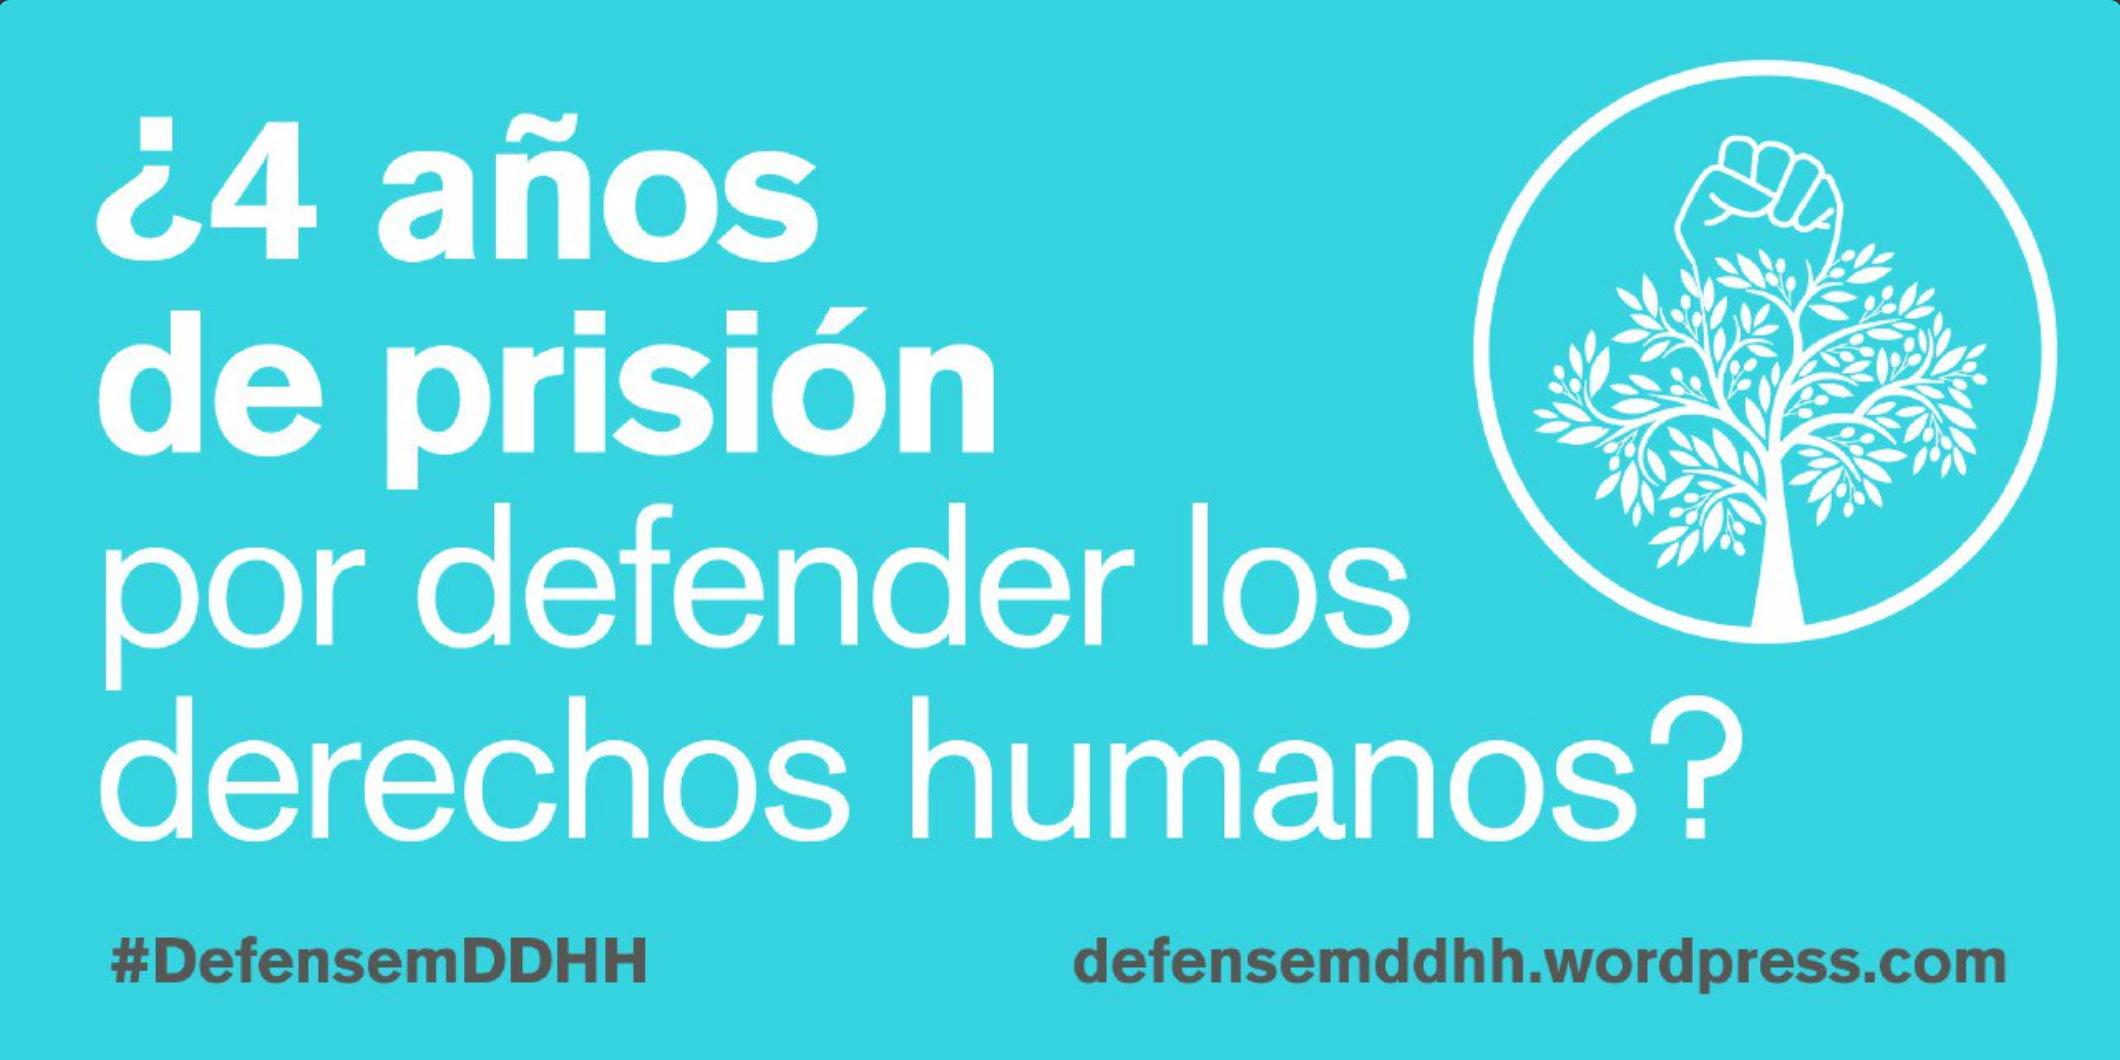 DefensemDDHH